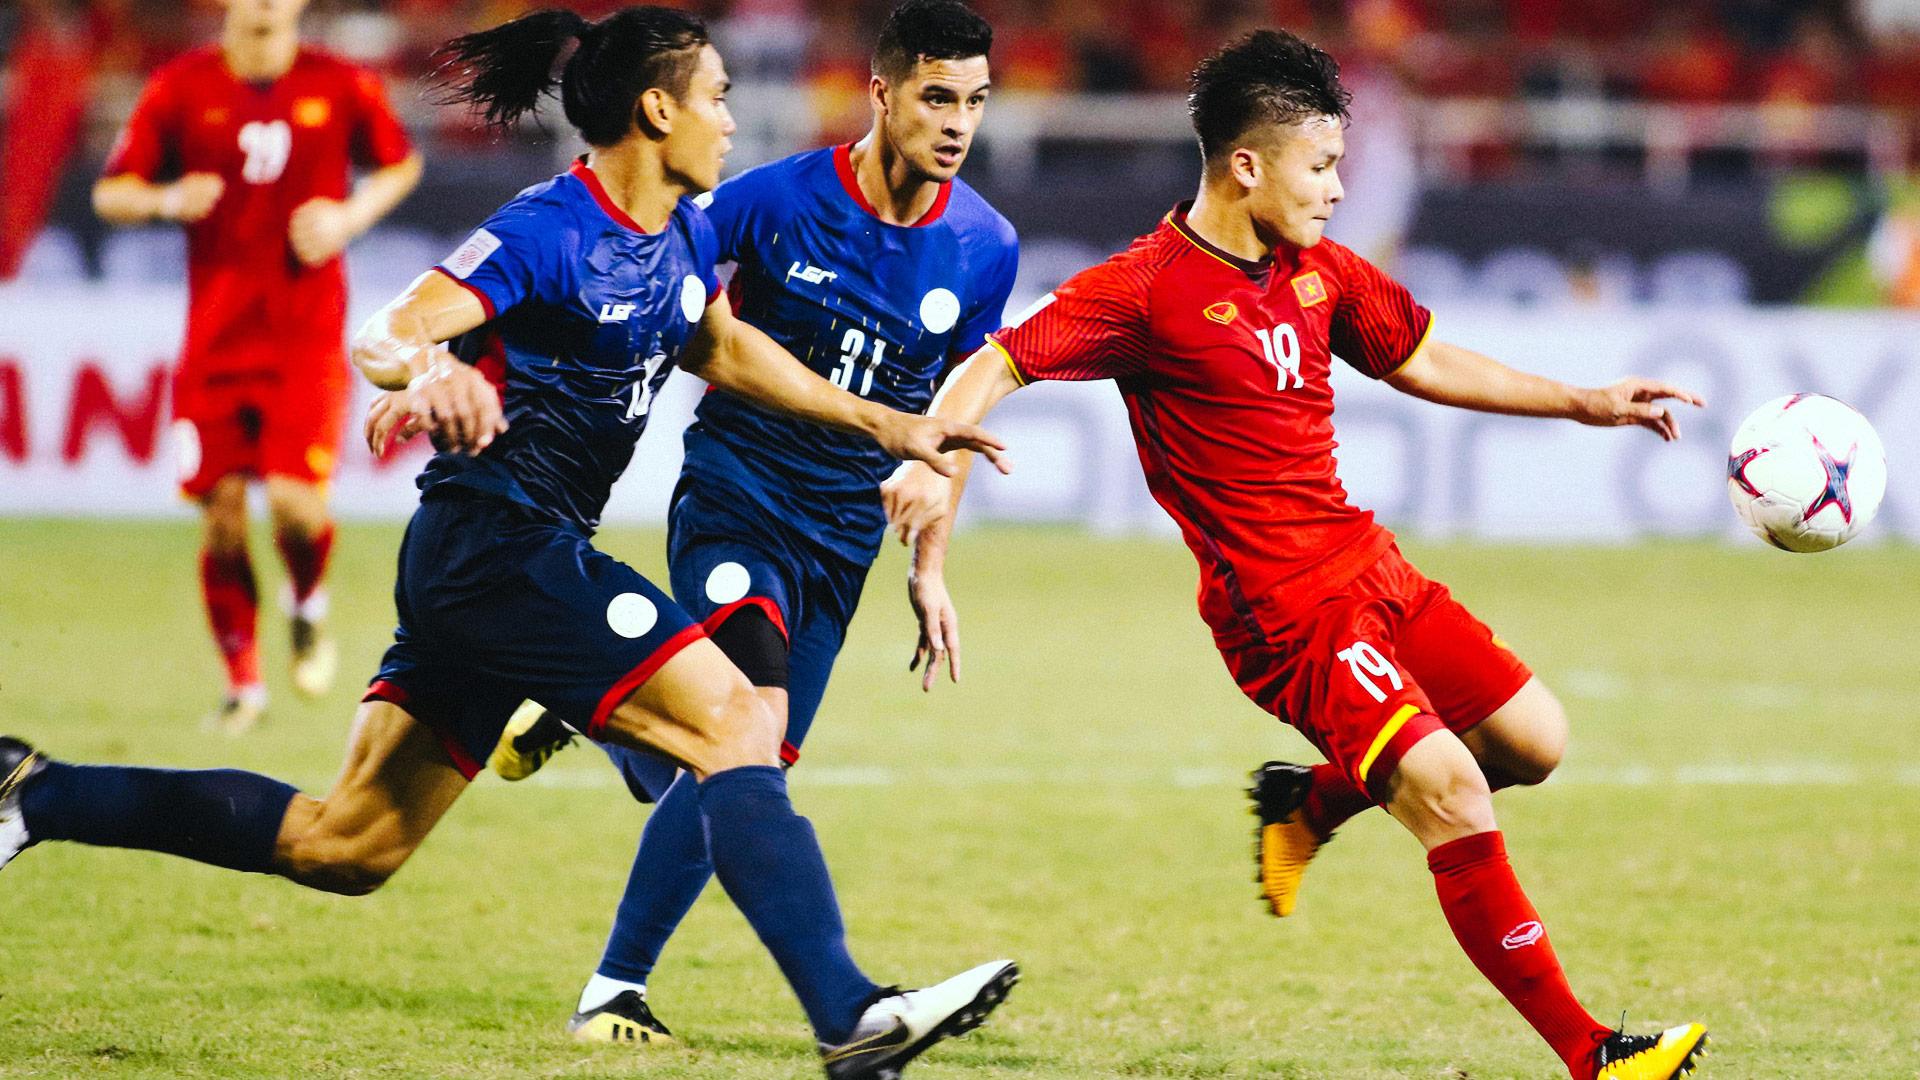 Quang Hải – Ngôi sao trẻ & 2 khoảnh khắc kỳ diệu bóng đá Việt Nam - 5